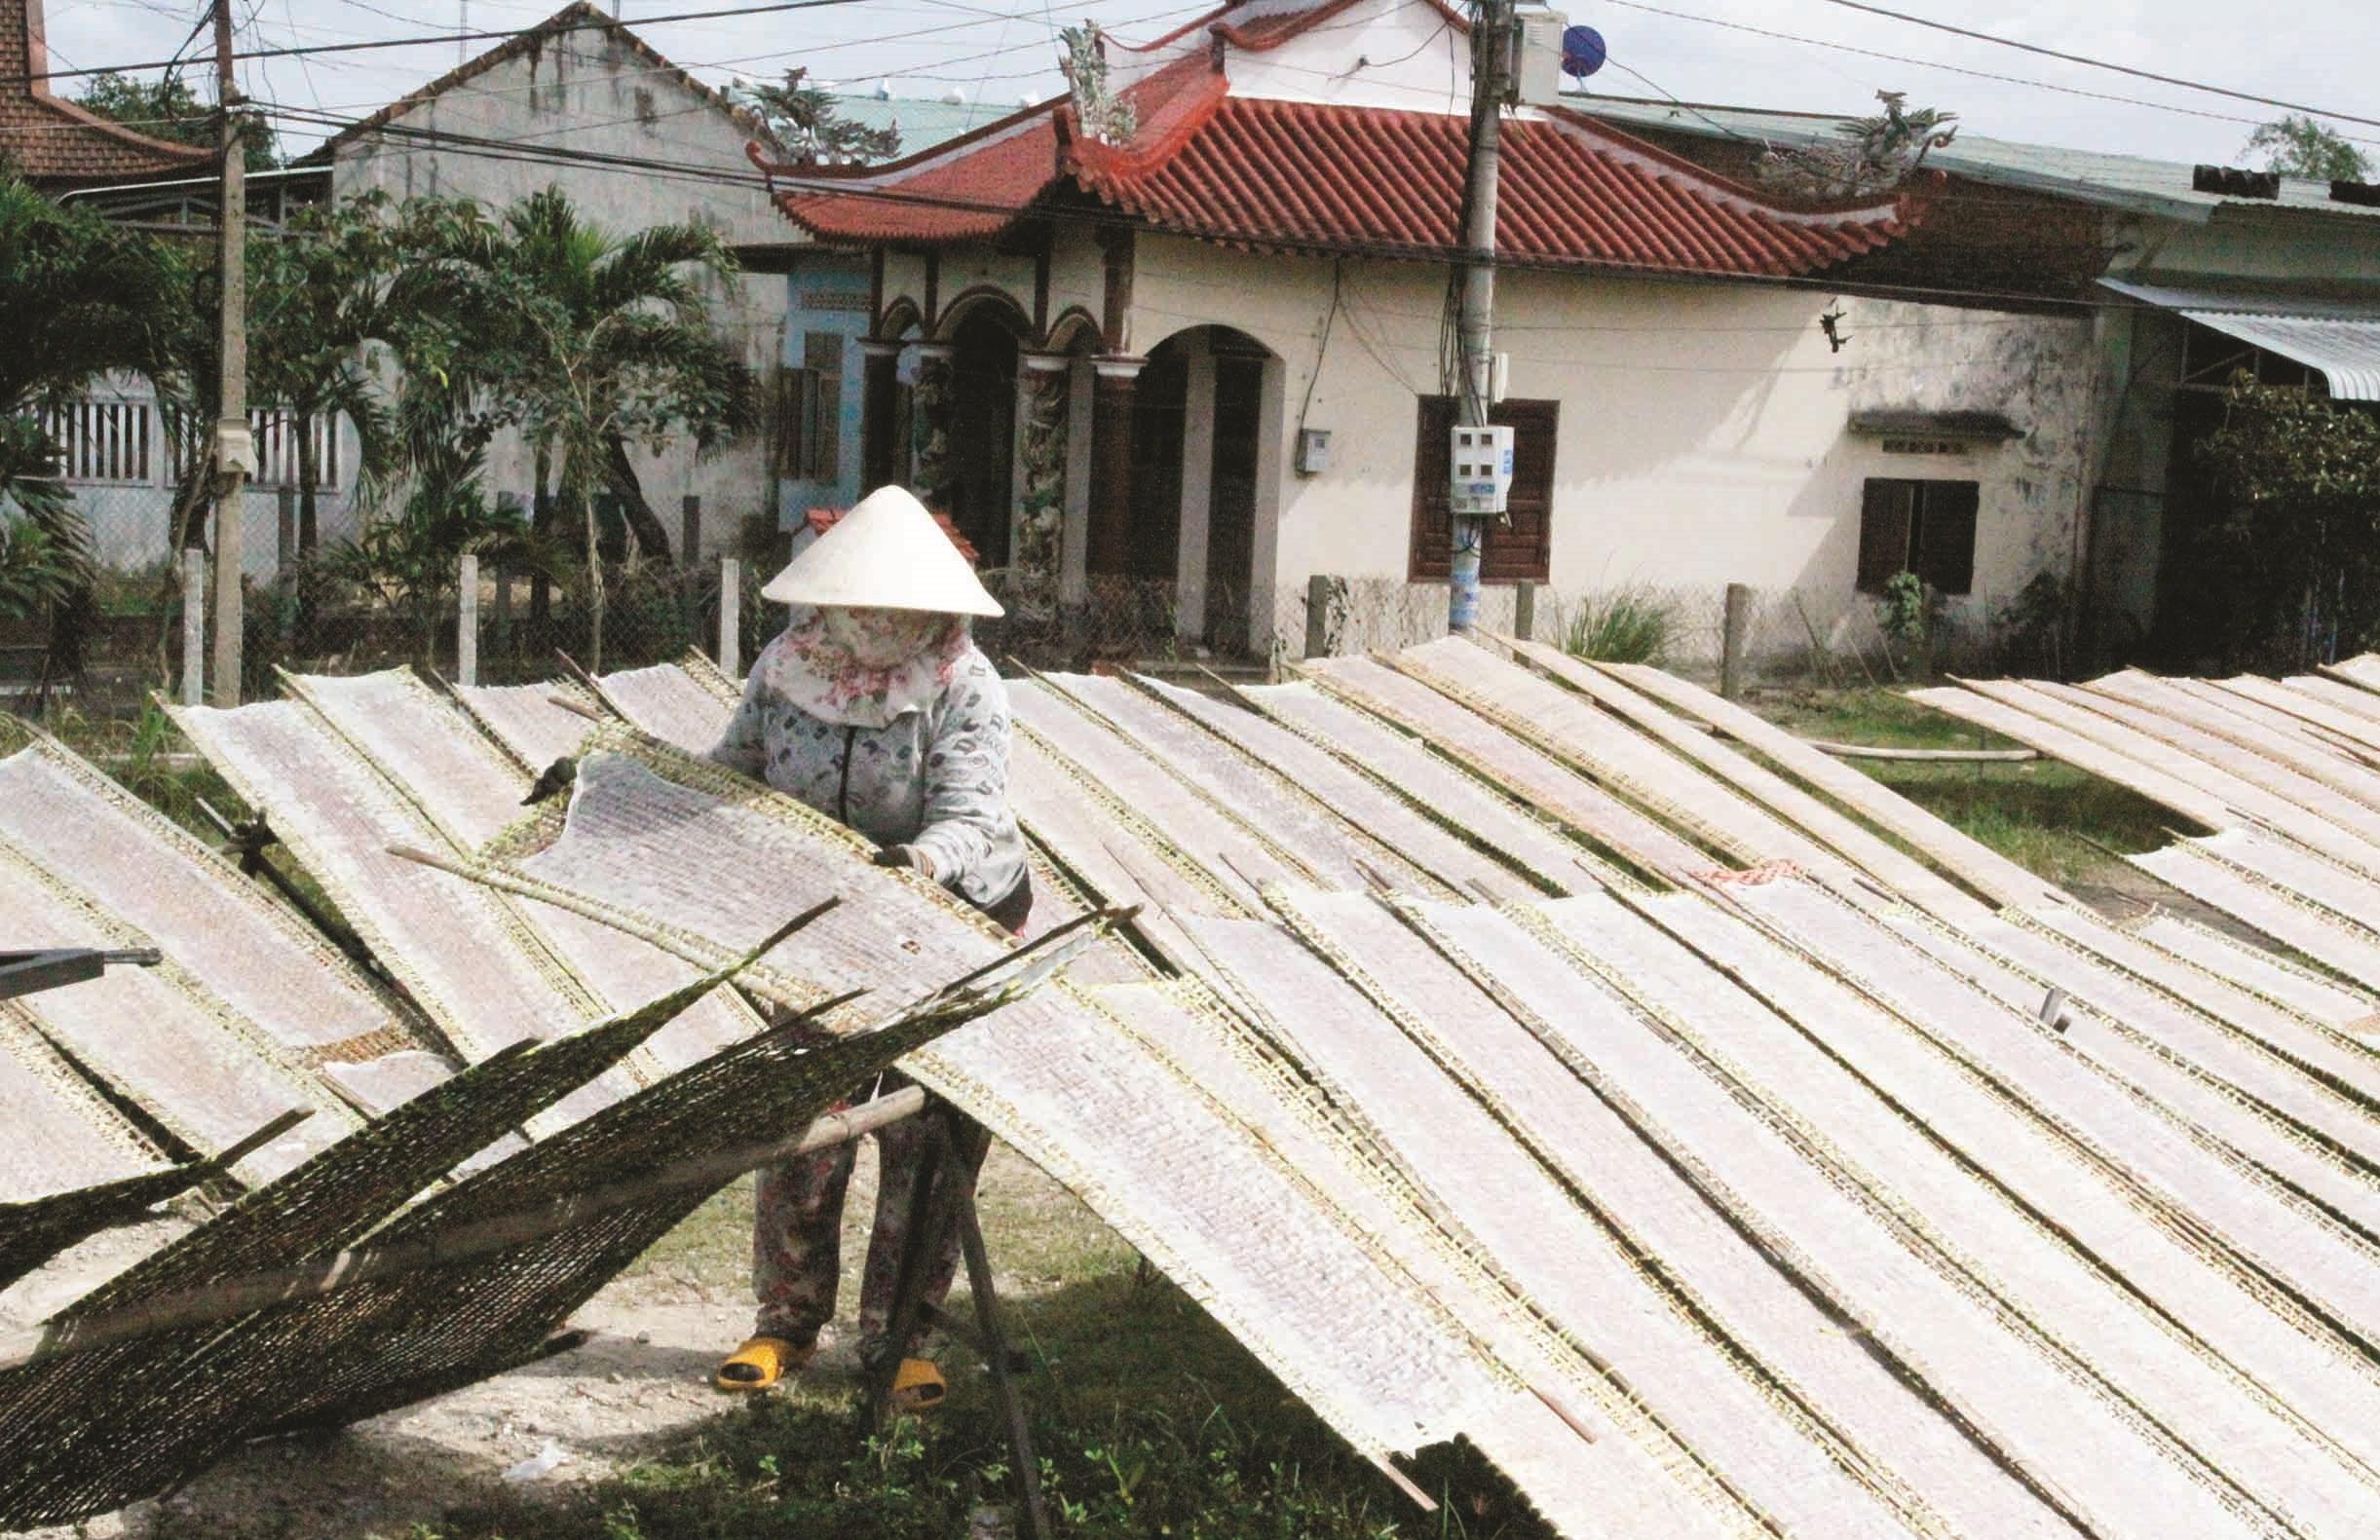 Người dân làng nghề bánh tráng Trường Cửu, tranh thủ những ngày nắng để phơi bánh